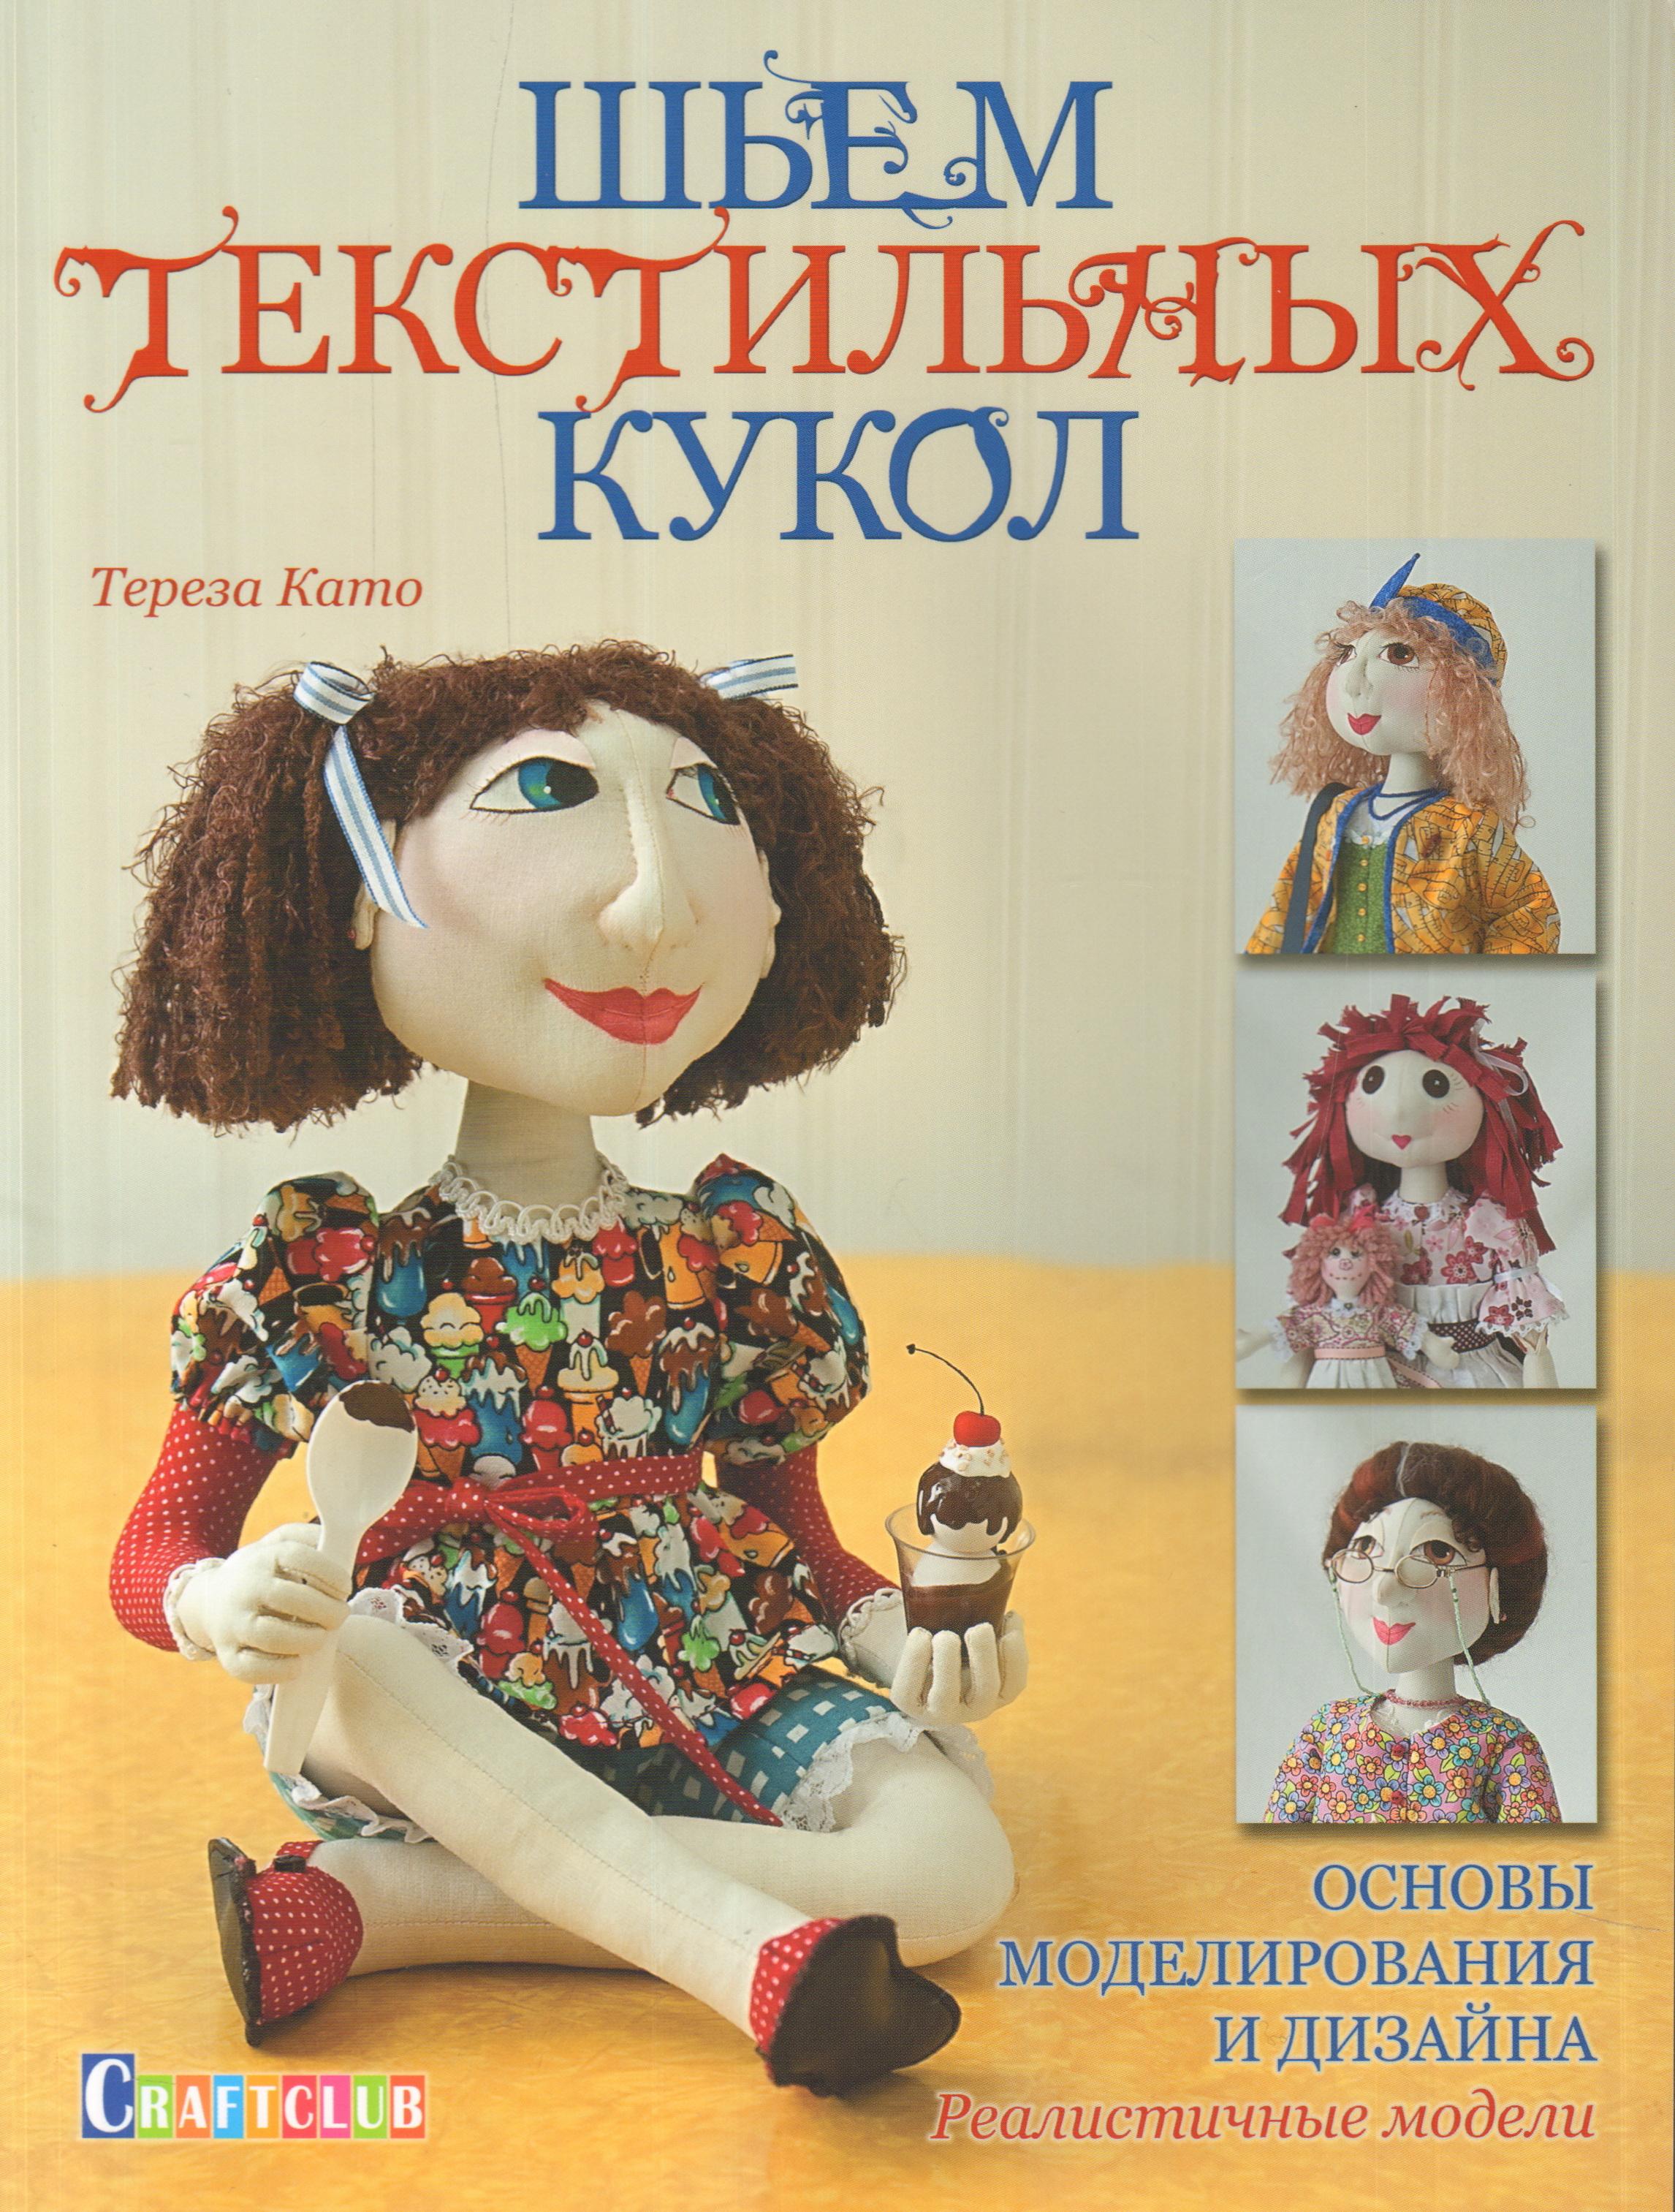 Шьем текстильных кукол.Основы моделирования и дизайна (16+)